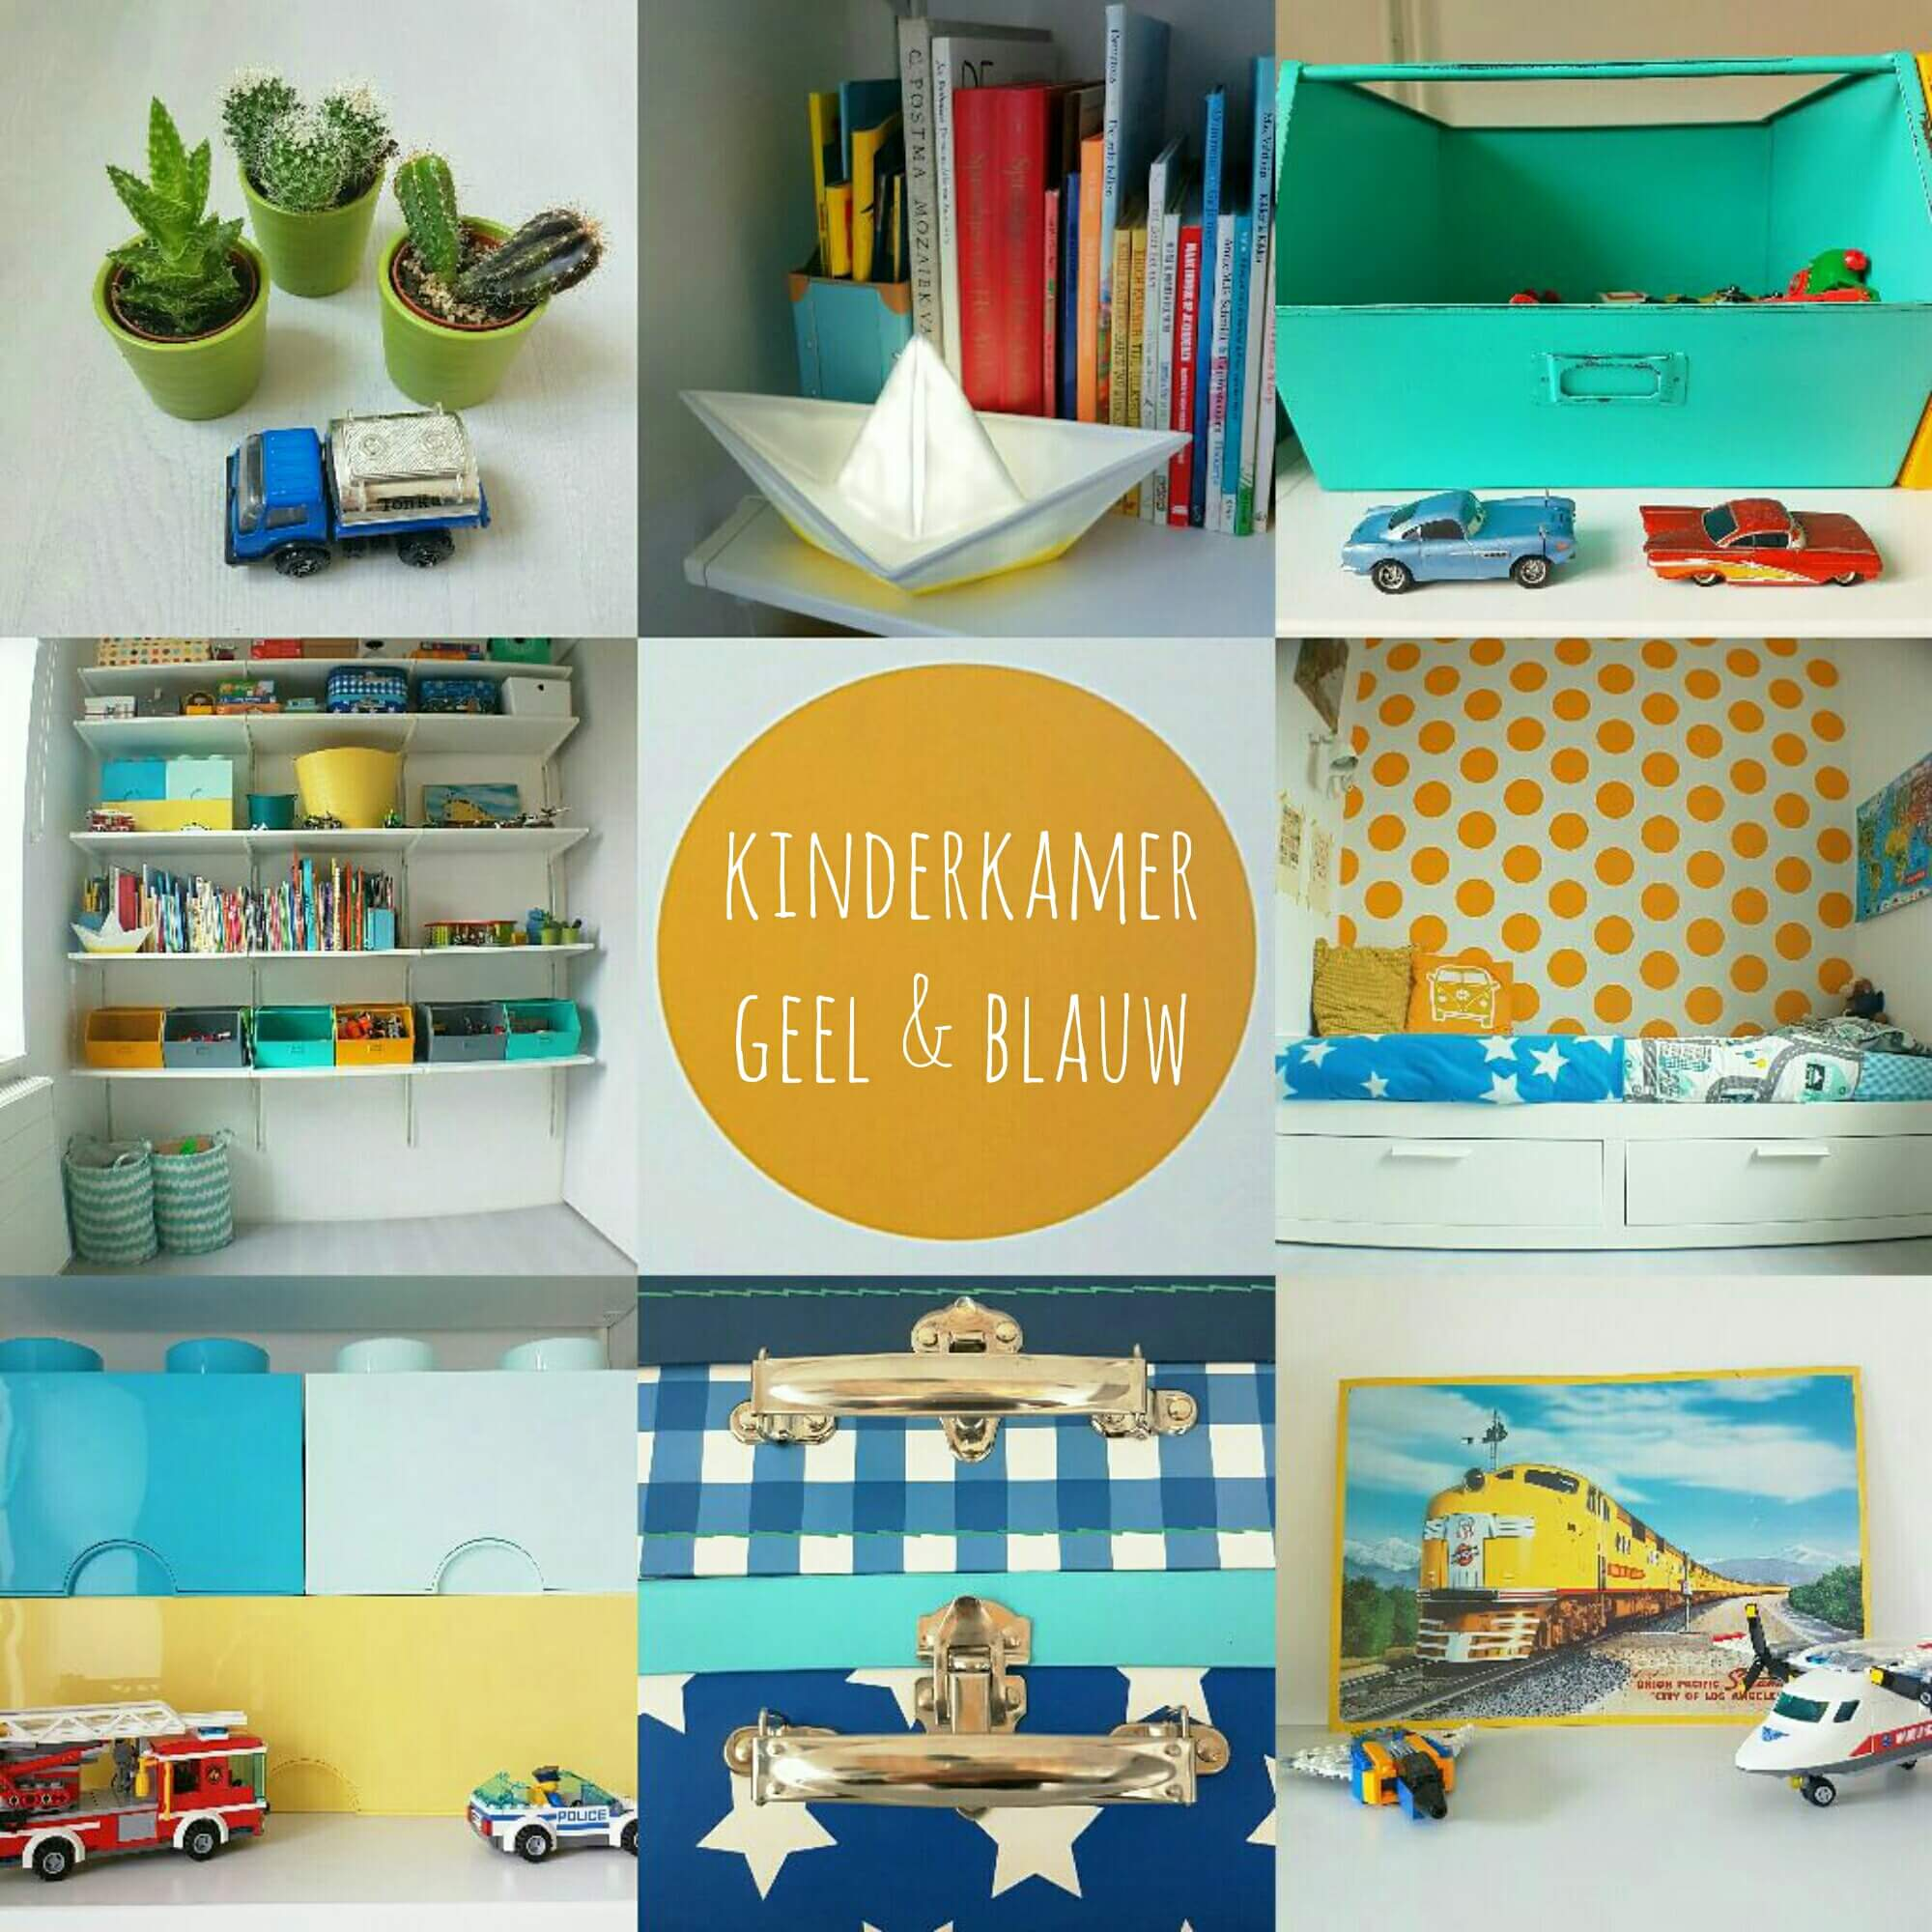 Kinderkamer in geel, blauw, turkoois, petrol, mint, groen, grijs en wit